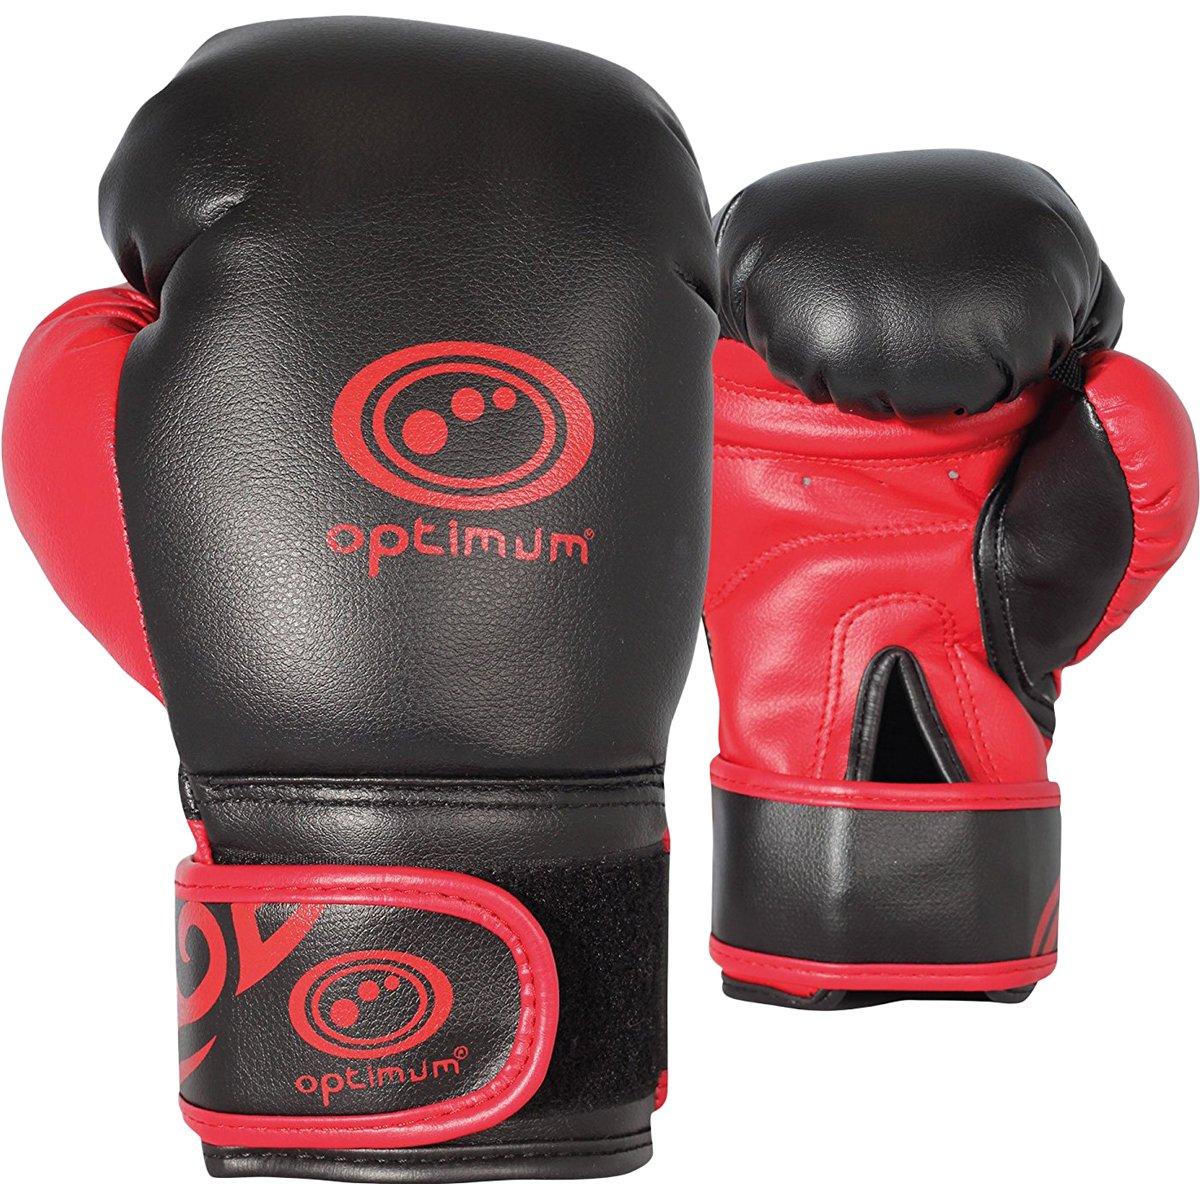 Optimum Tribal Boxing Gloves